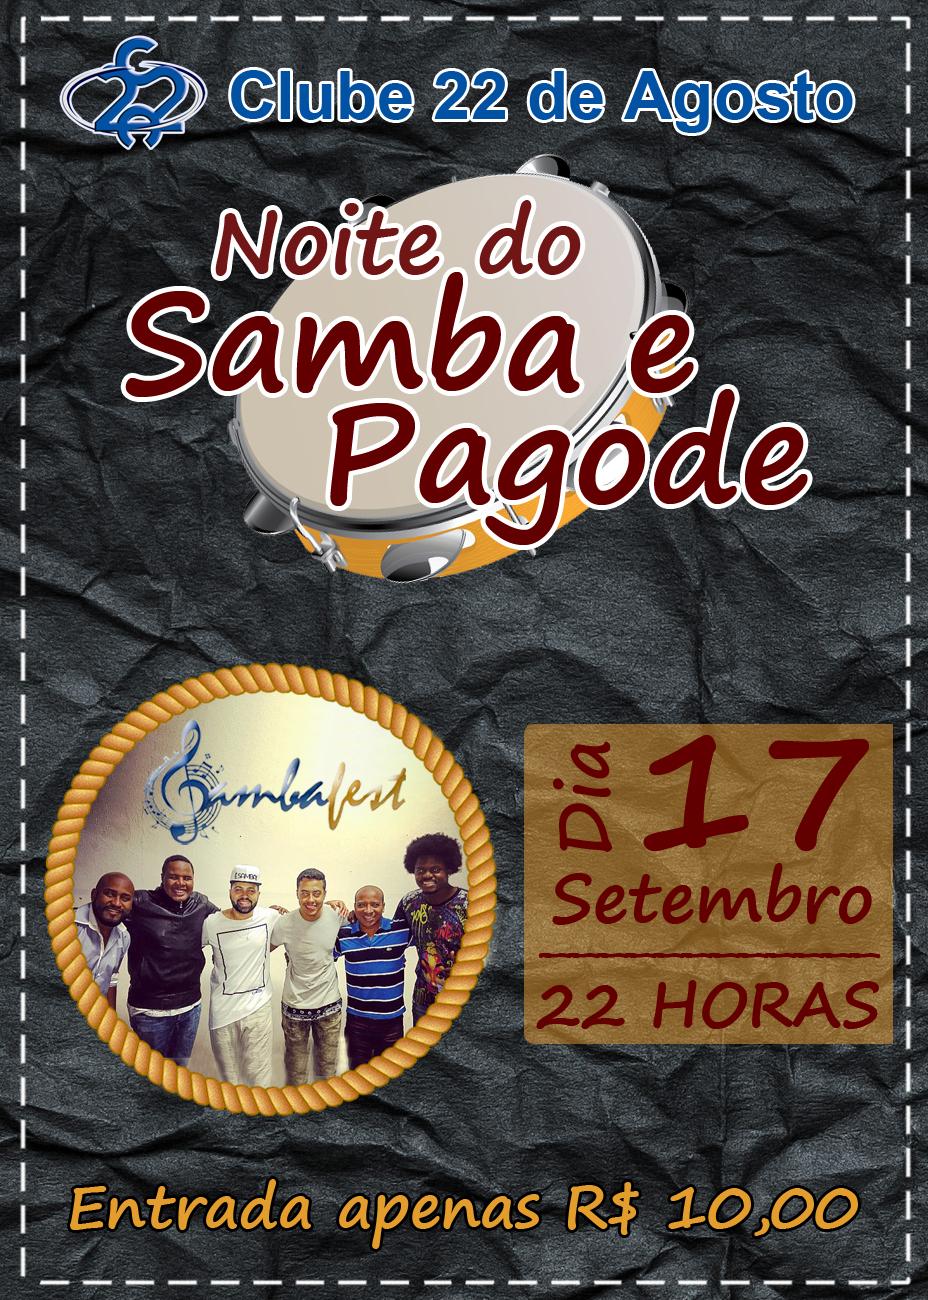 noite-do-samba-e-pagode